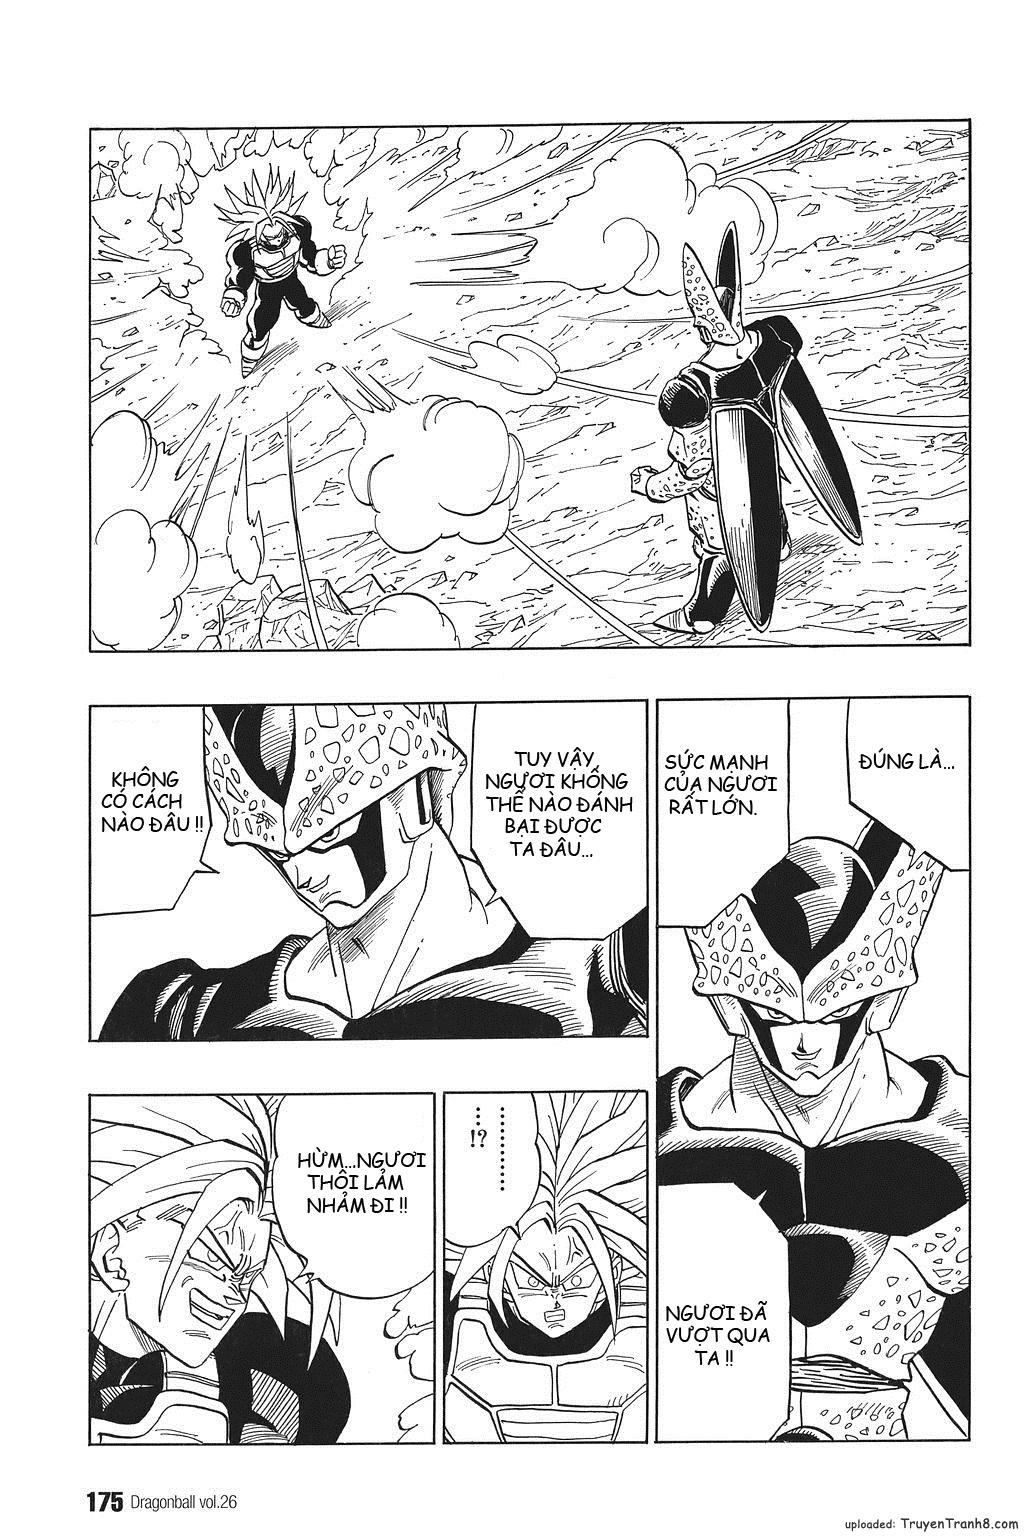 xem truyen moi - Dragon Ball Bản Vip - Bản Đẹp Nguyên Gốc Chap 387